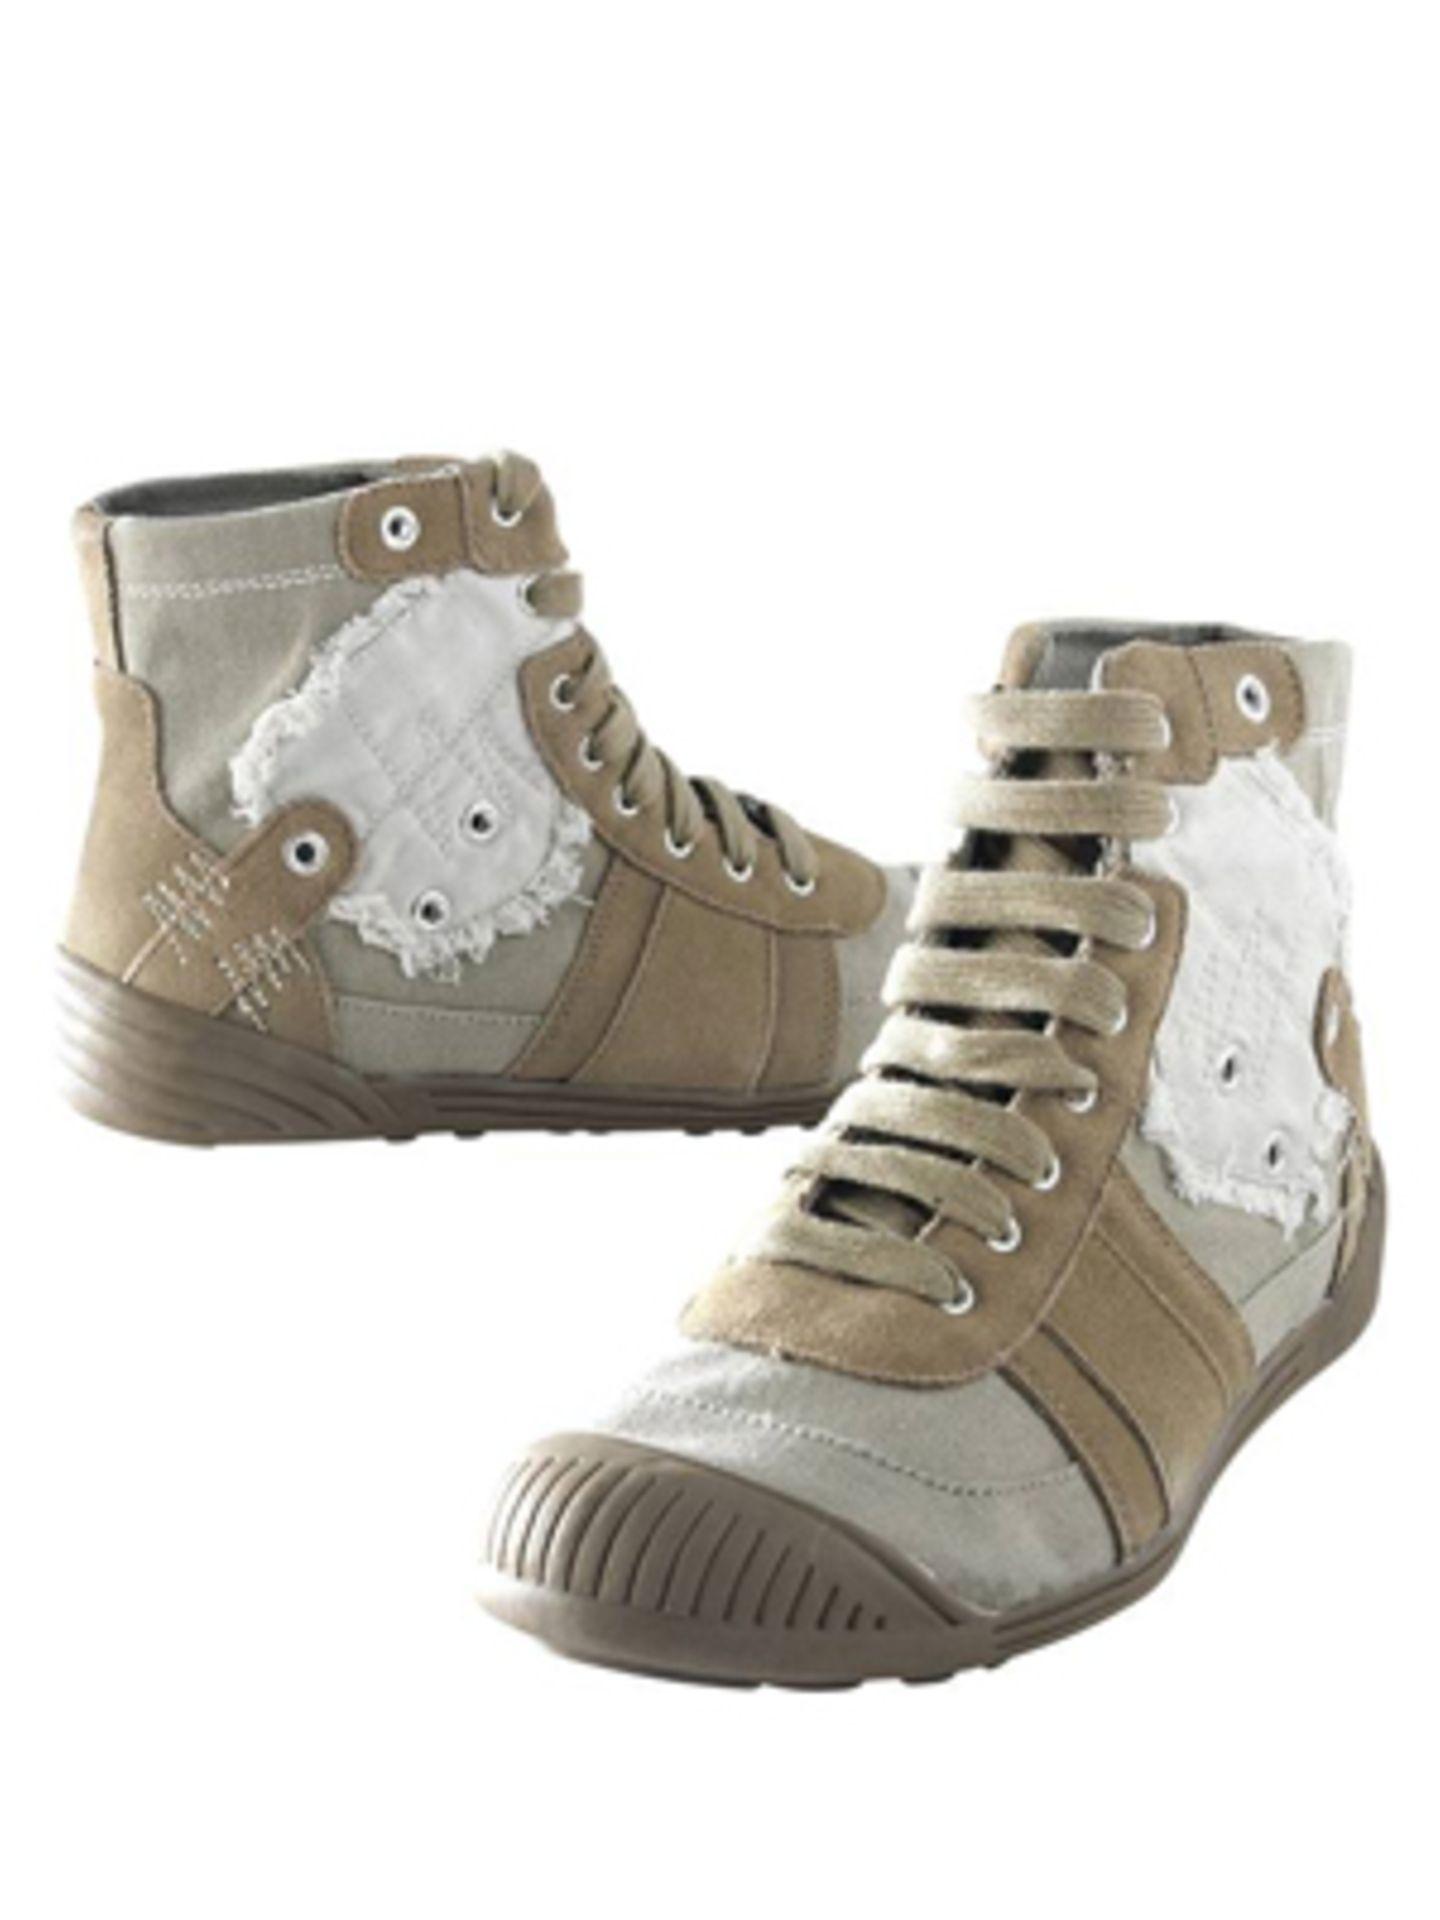 Knöchelhoher Sneaker im Used-Look von Promod, um 29,95 Euro. Über www.promod.de